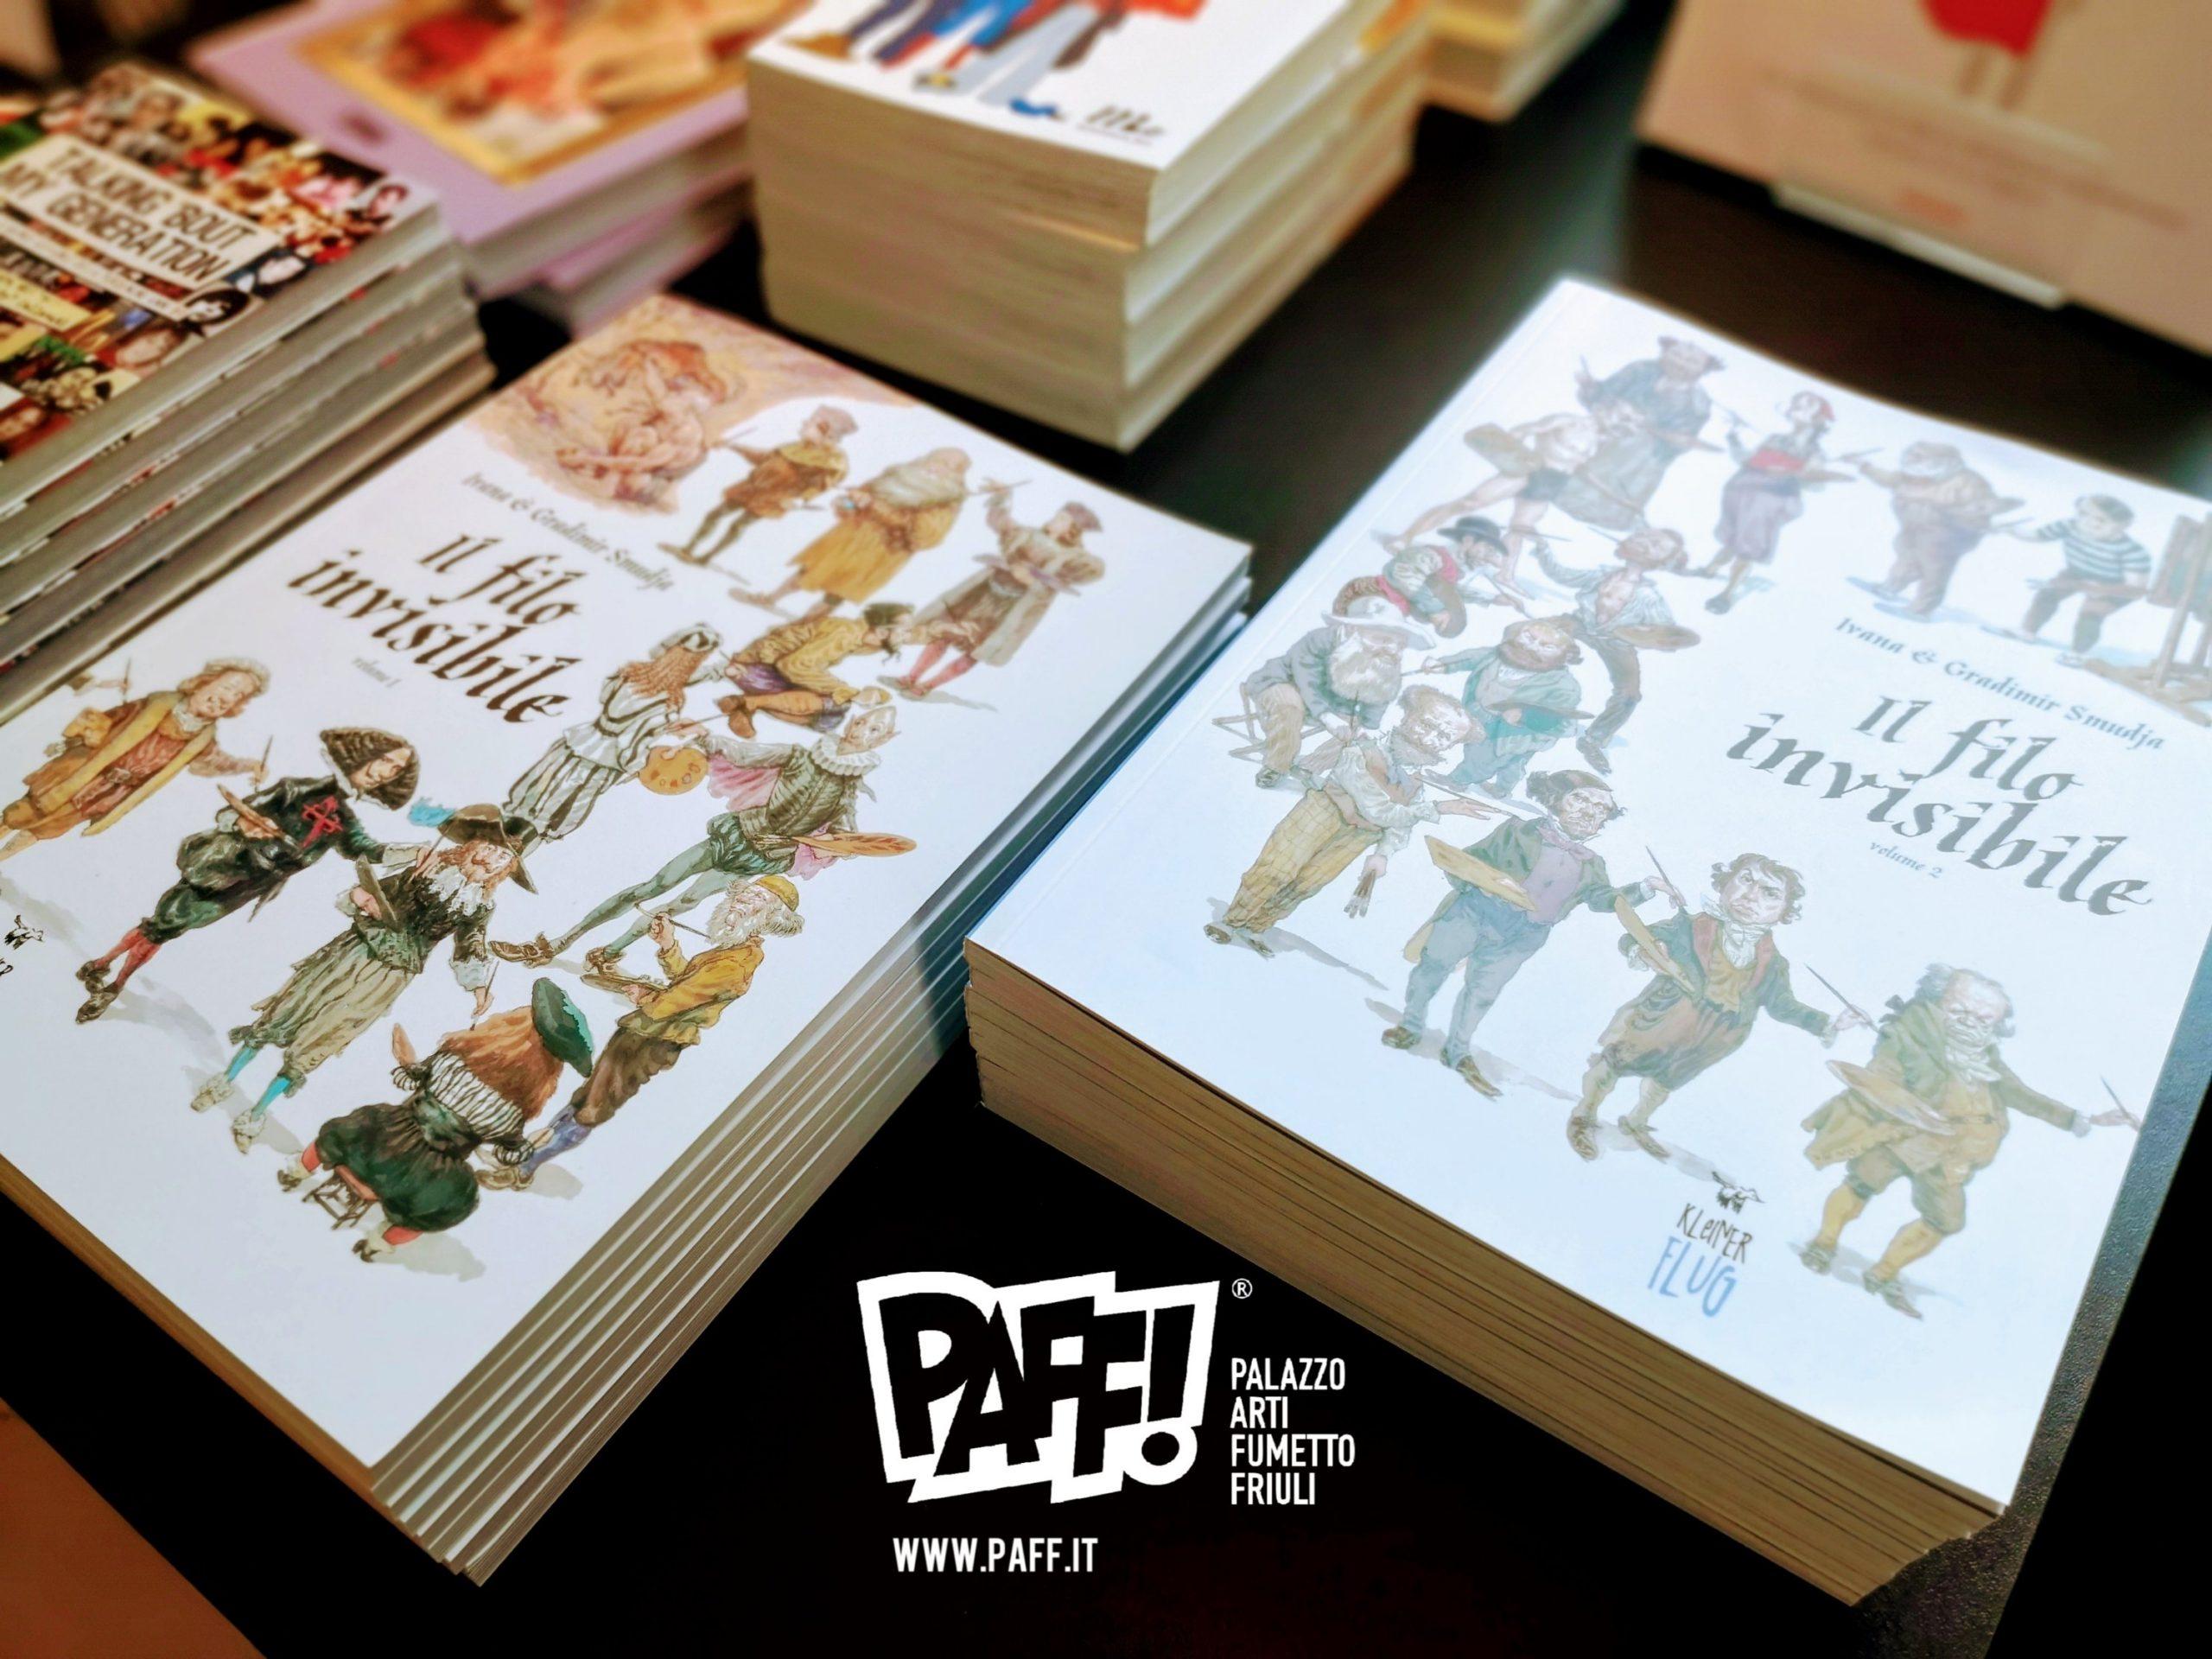 Smudja e la storia dell'arte a fumetti in italiano al PAFF!